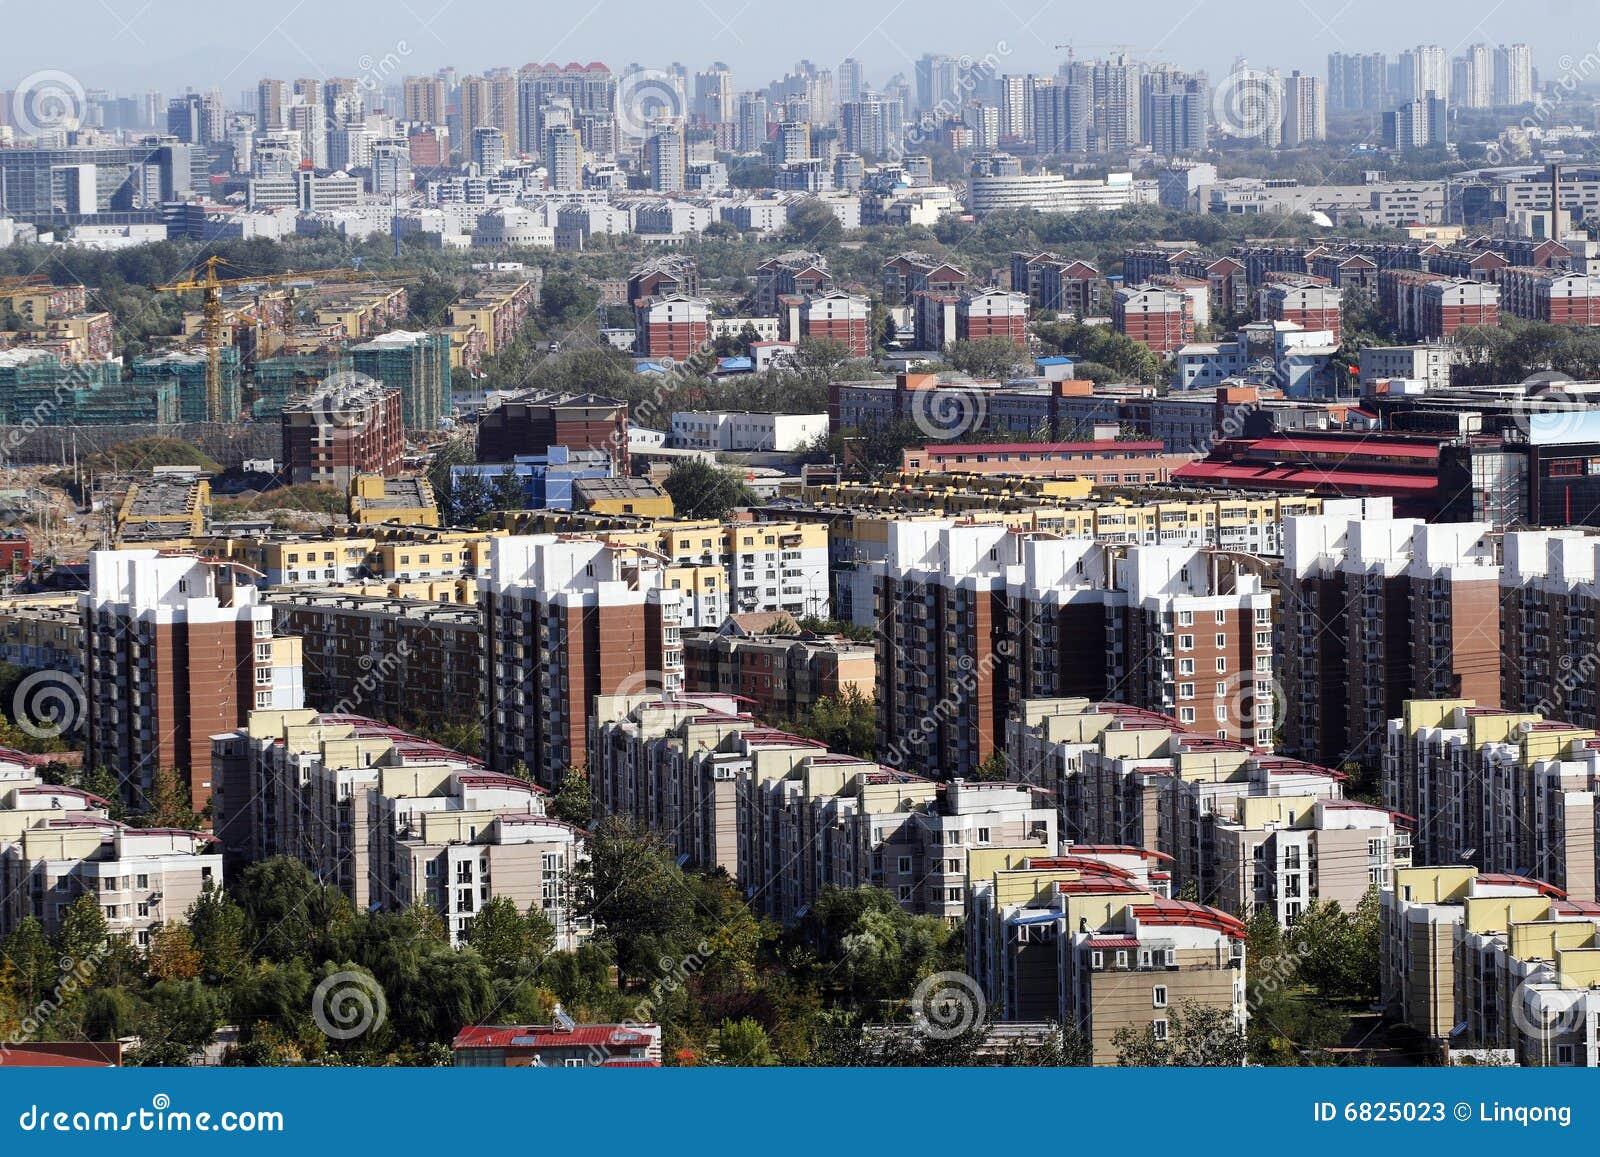 Woonwijk op grote schaal